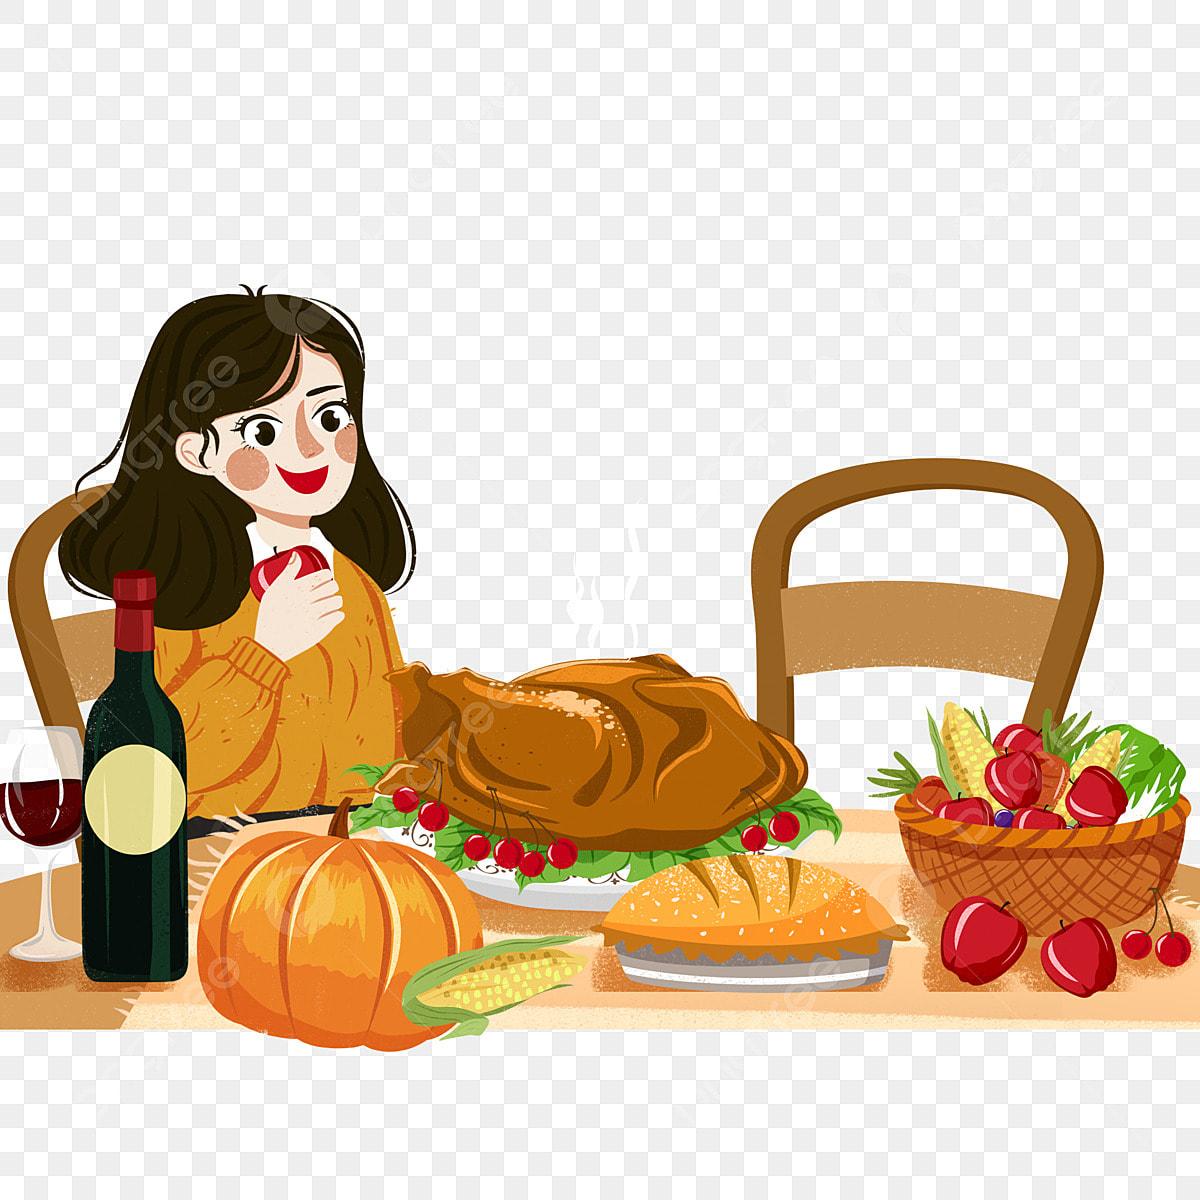 Fille De Thanksgiving Chaud Manger Un Repas Gastronomique Manger Des Cliparts Peint Chaud Fichier Png Et Psd Pour Le Telechargement Libre